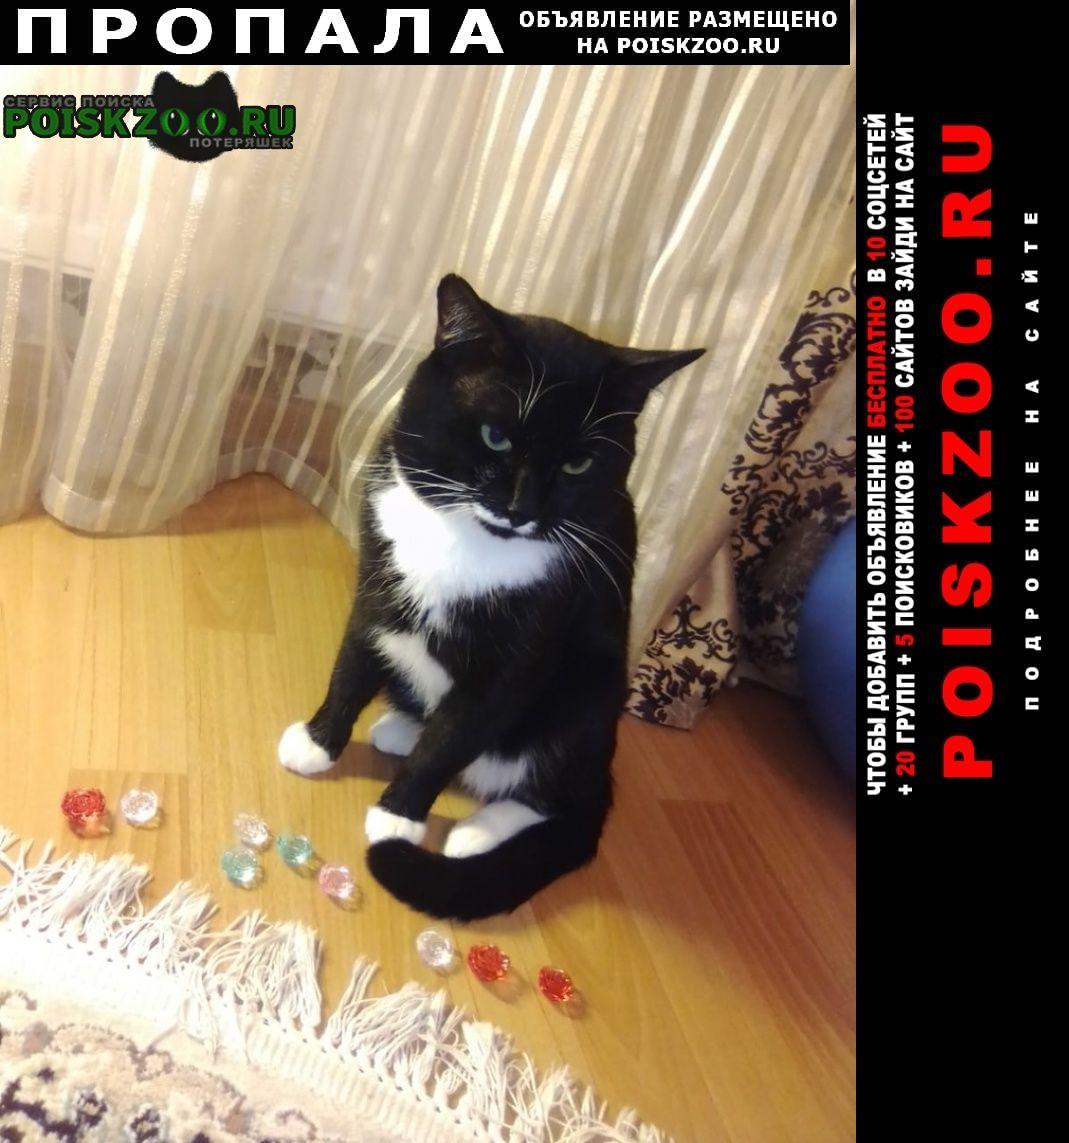 Пропал кот кузя, 5 лет ий р-н Можайск